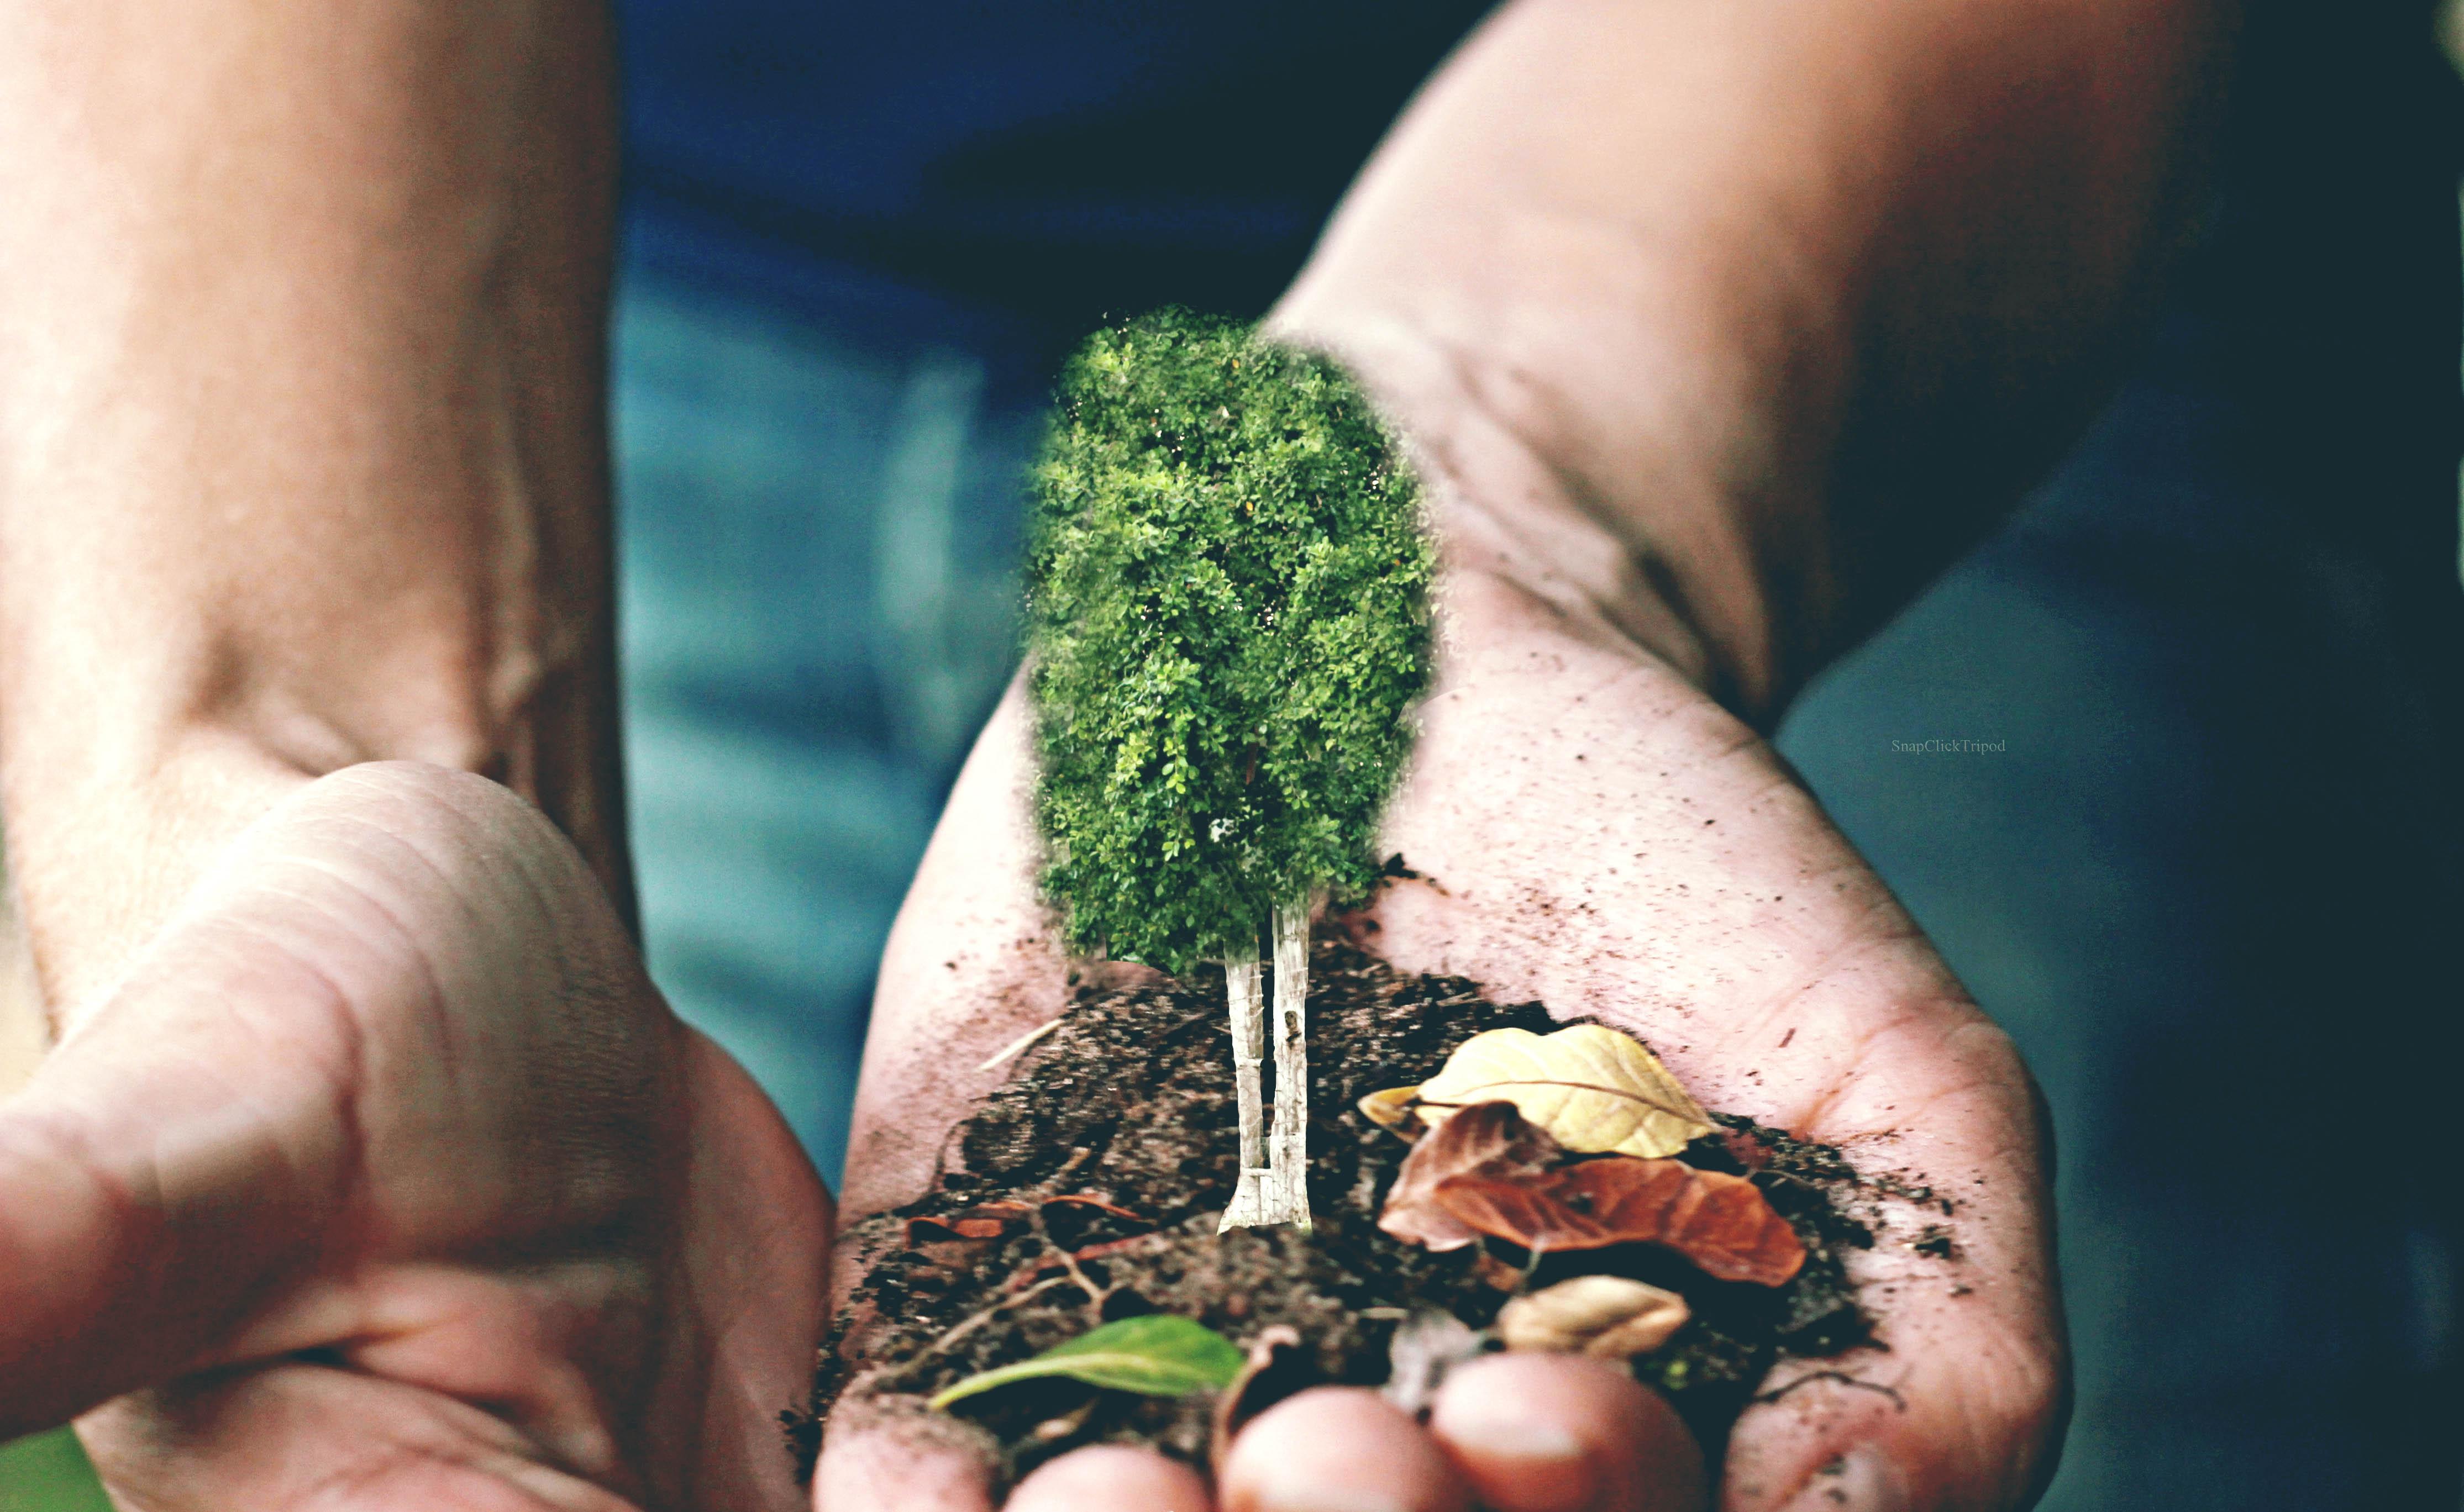 Fondos de pantalla : Árboles, árbol, ambiental, planta, mano, uña ...